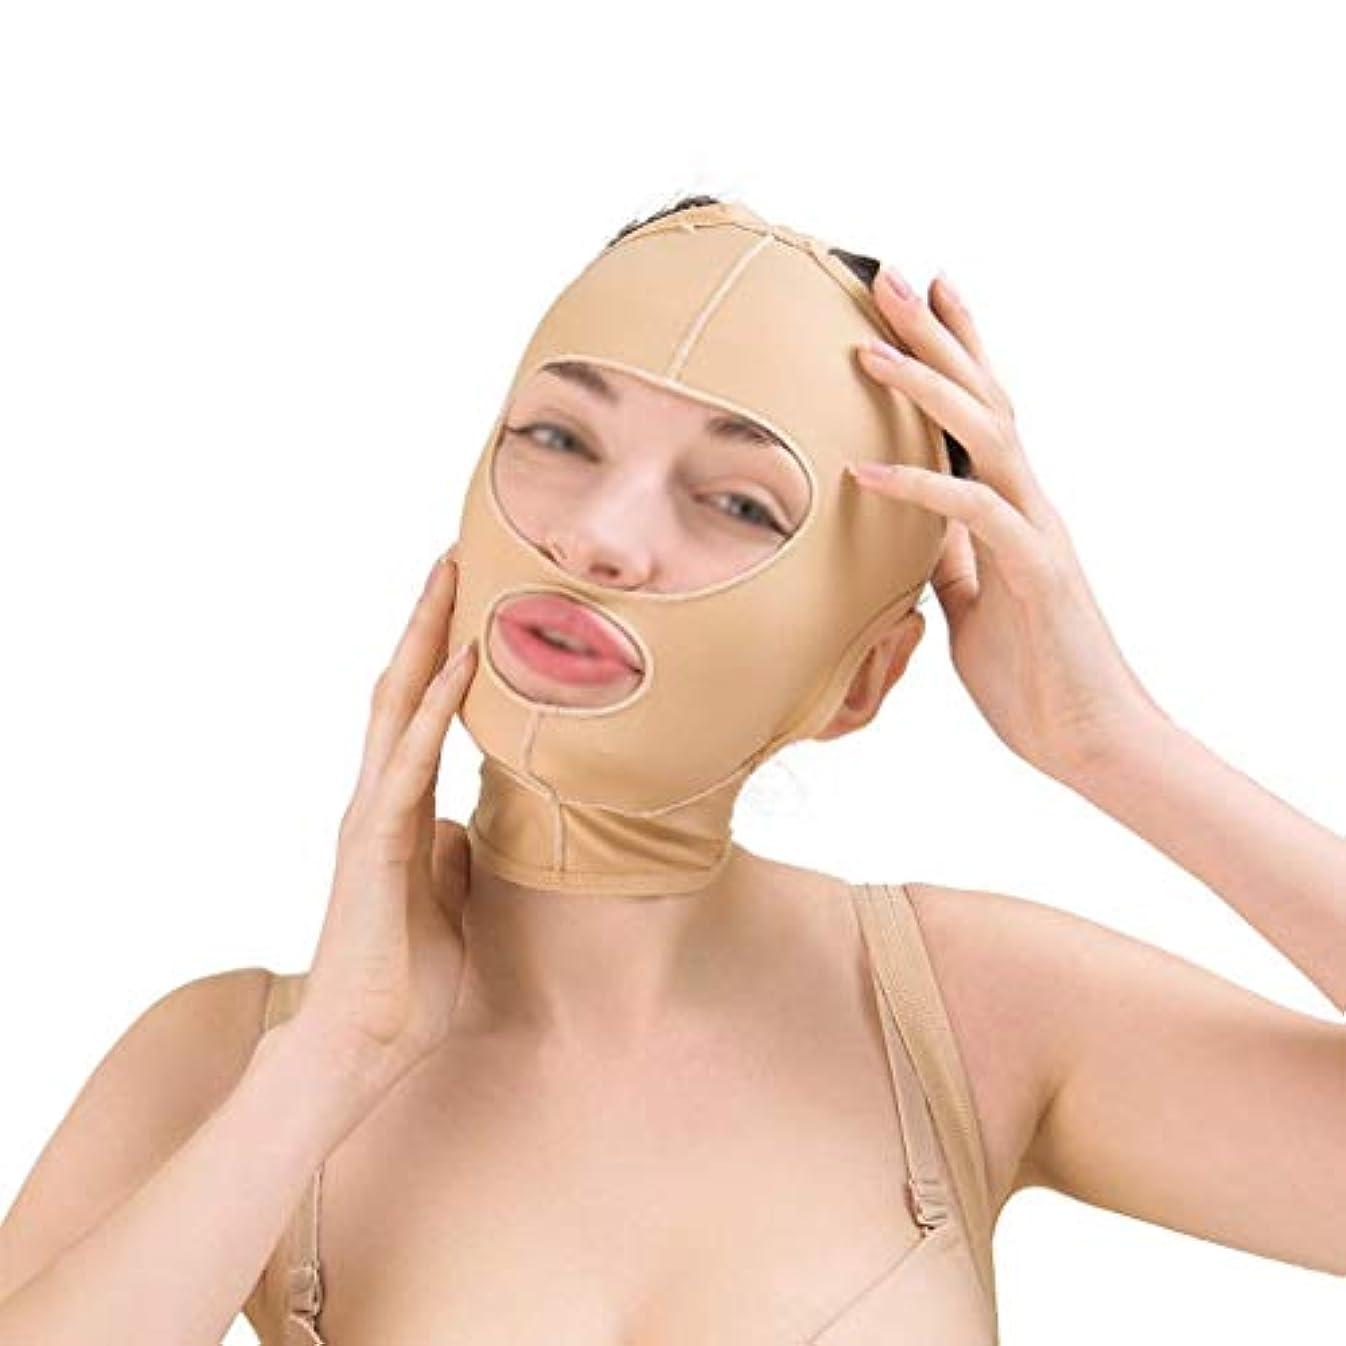 面白いツール葡萄美容フェイスリフト減量ベルト、ほおスリムフィット、通気性フェイスリフト、引き締め、リフティング包帯、フェイシャルスキン包帯(サイズ:M),M